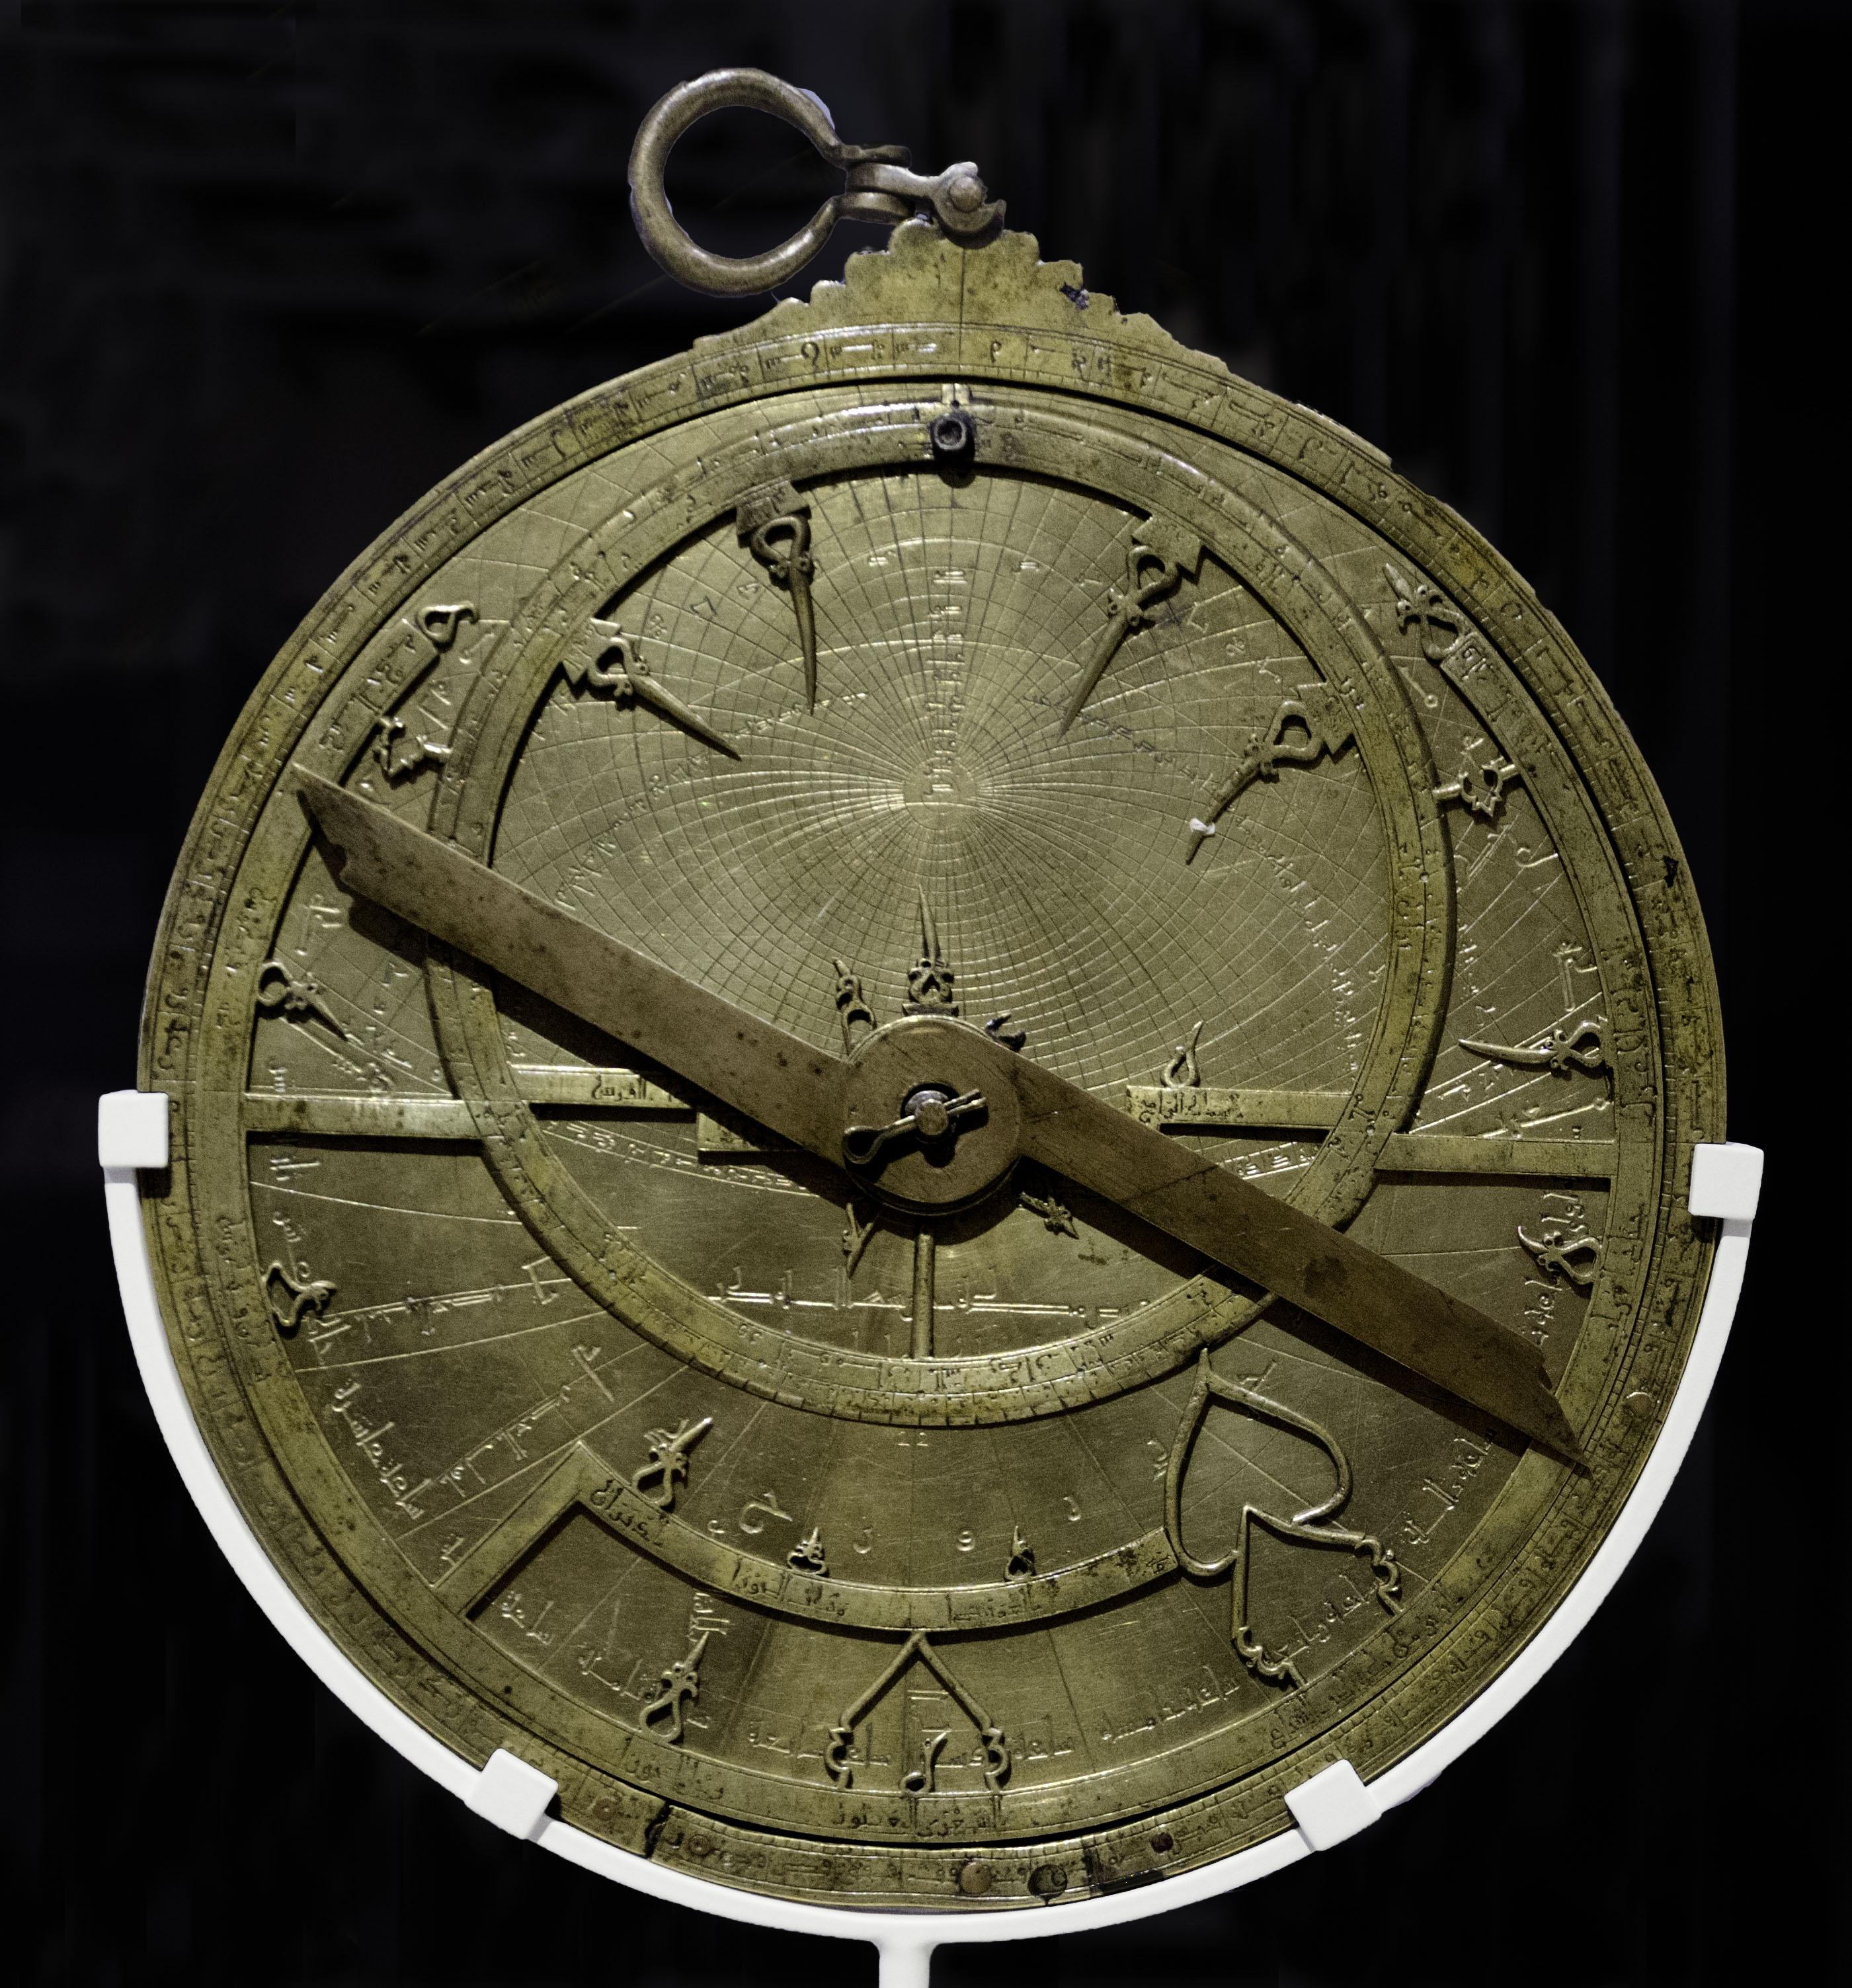 WikipediaLa Libre WikipediaLa WikipediaLa Enciclopedia Astrolabio Astrolabio WikipediaLa Astrolabio Libre Enciclopedia Astrolabio Enciclopedia Libre lF1KJc